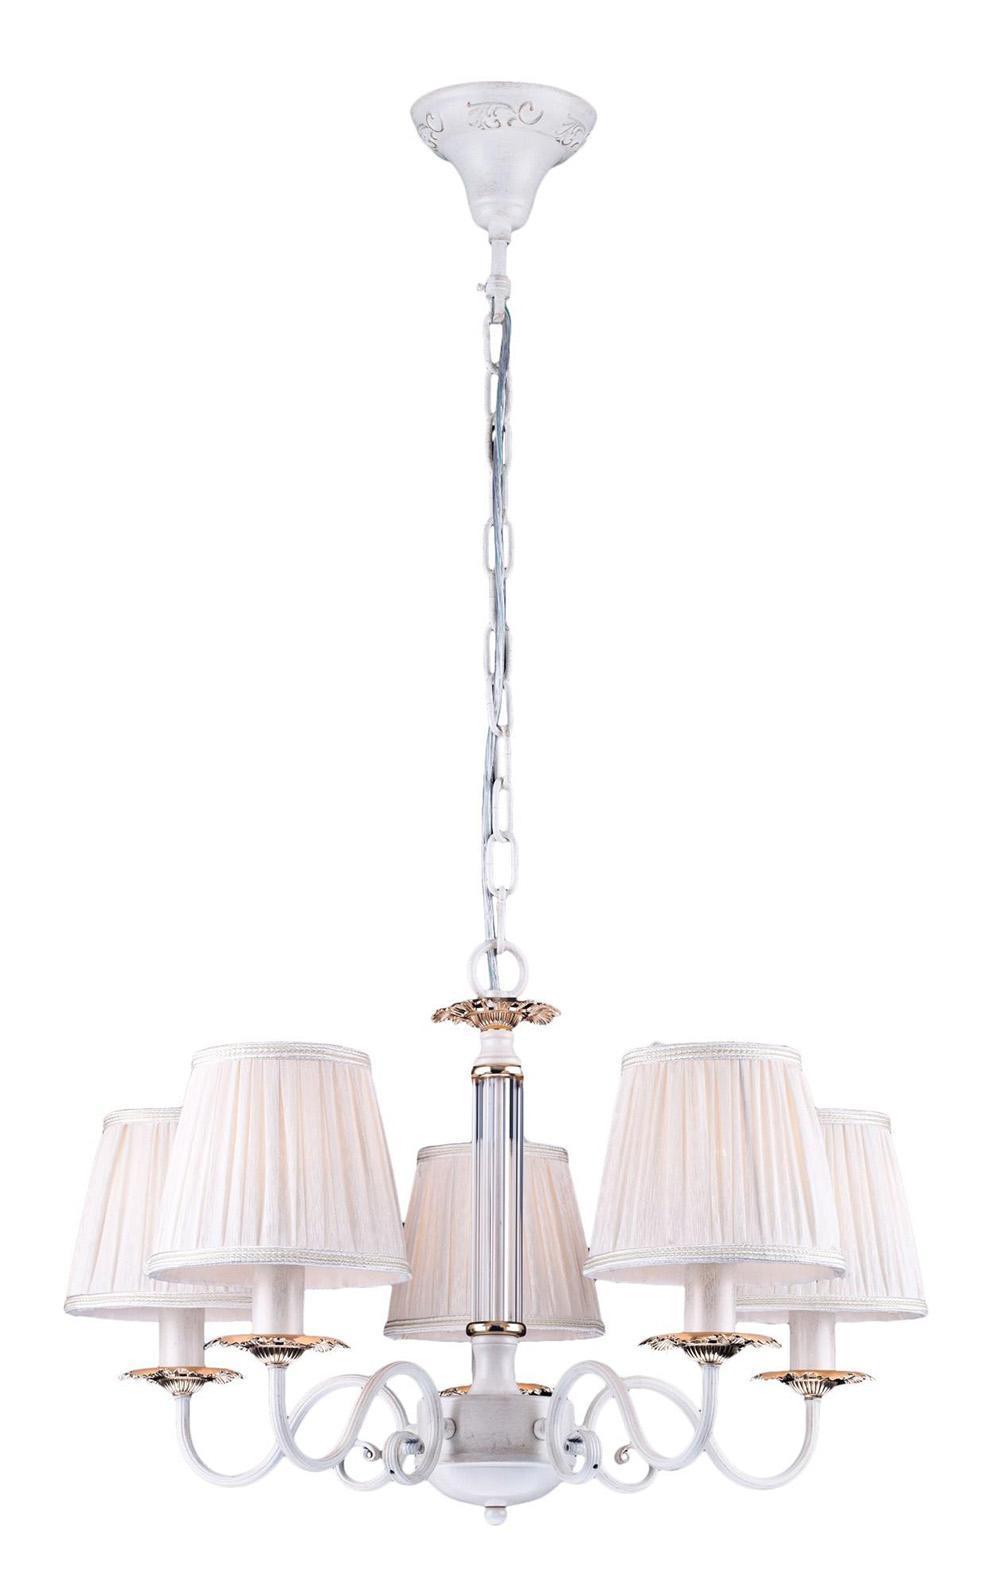 цена на Люстра Arte lamp A2065lm-5wg